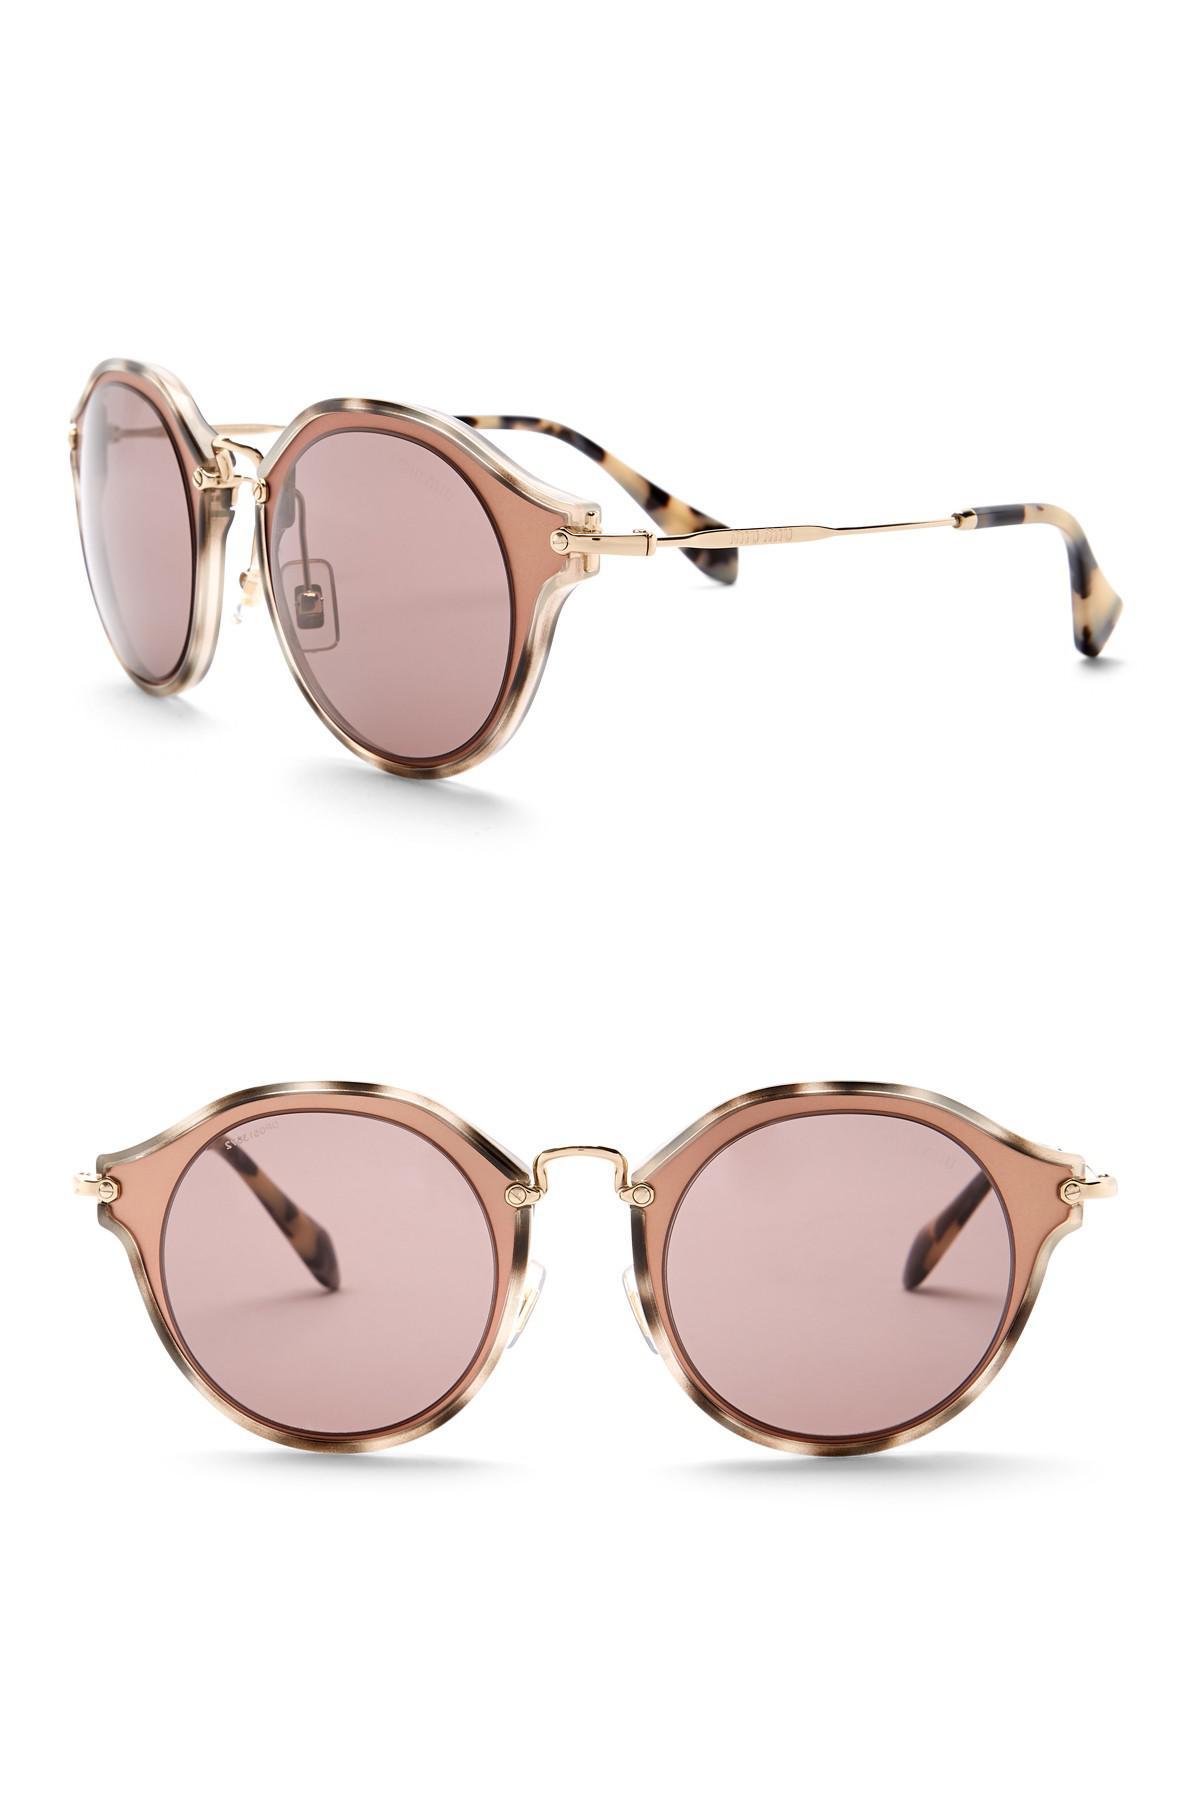 38050fa2427ac Miu Miu Round 49mm Acetate Frame Sunglasses in Pink - Lyst